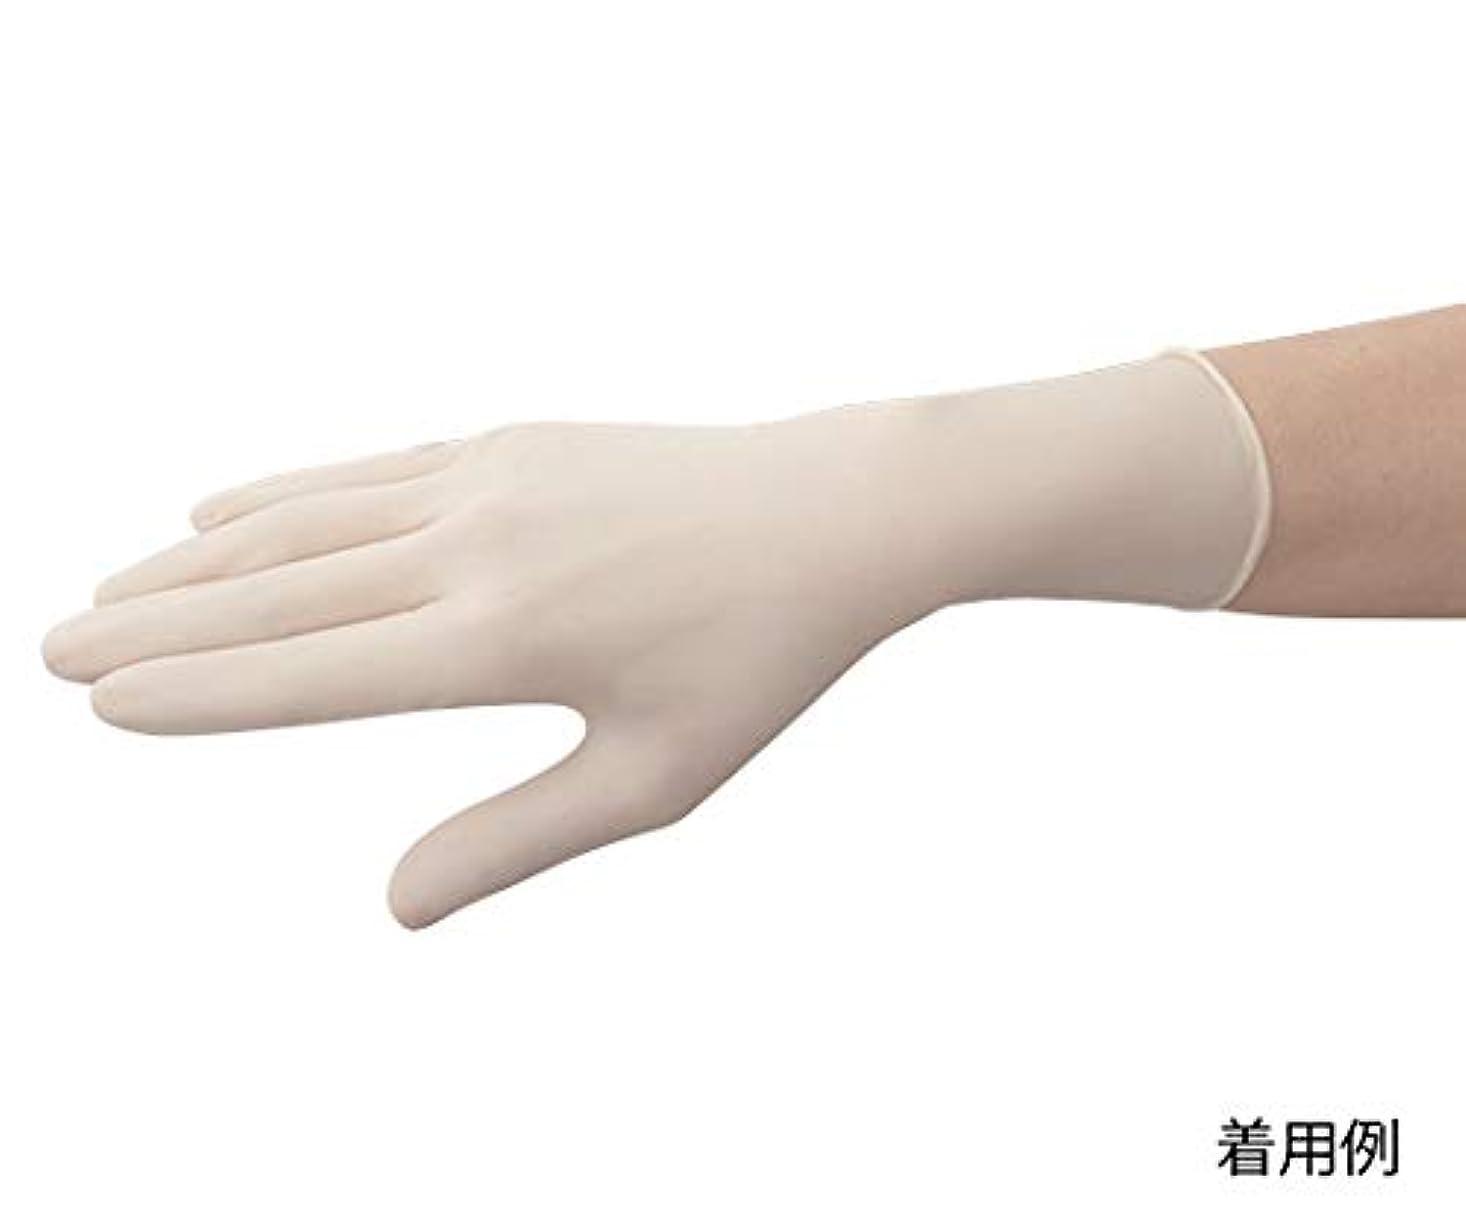 報告書歯痛安西東レ?メディカル 手術用手袋メディグリップ パウダーフリー50双 8165MG